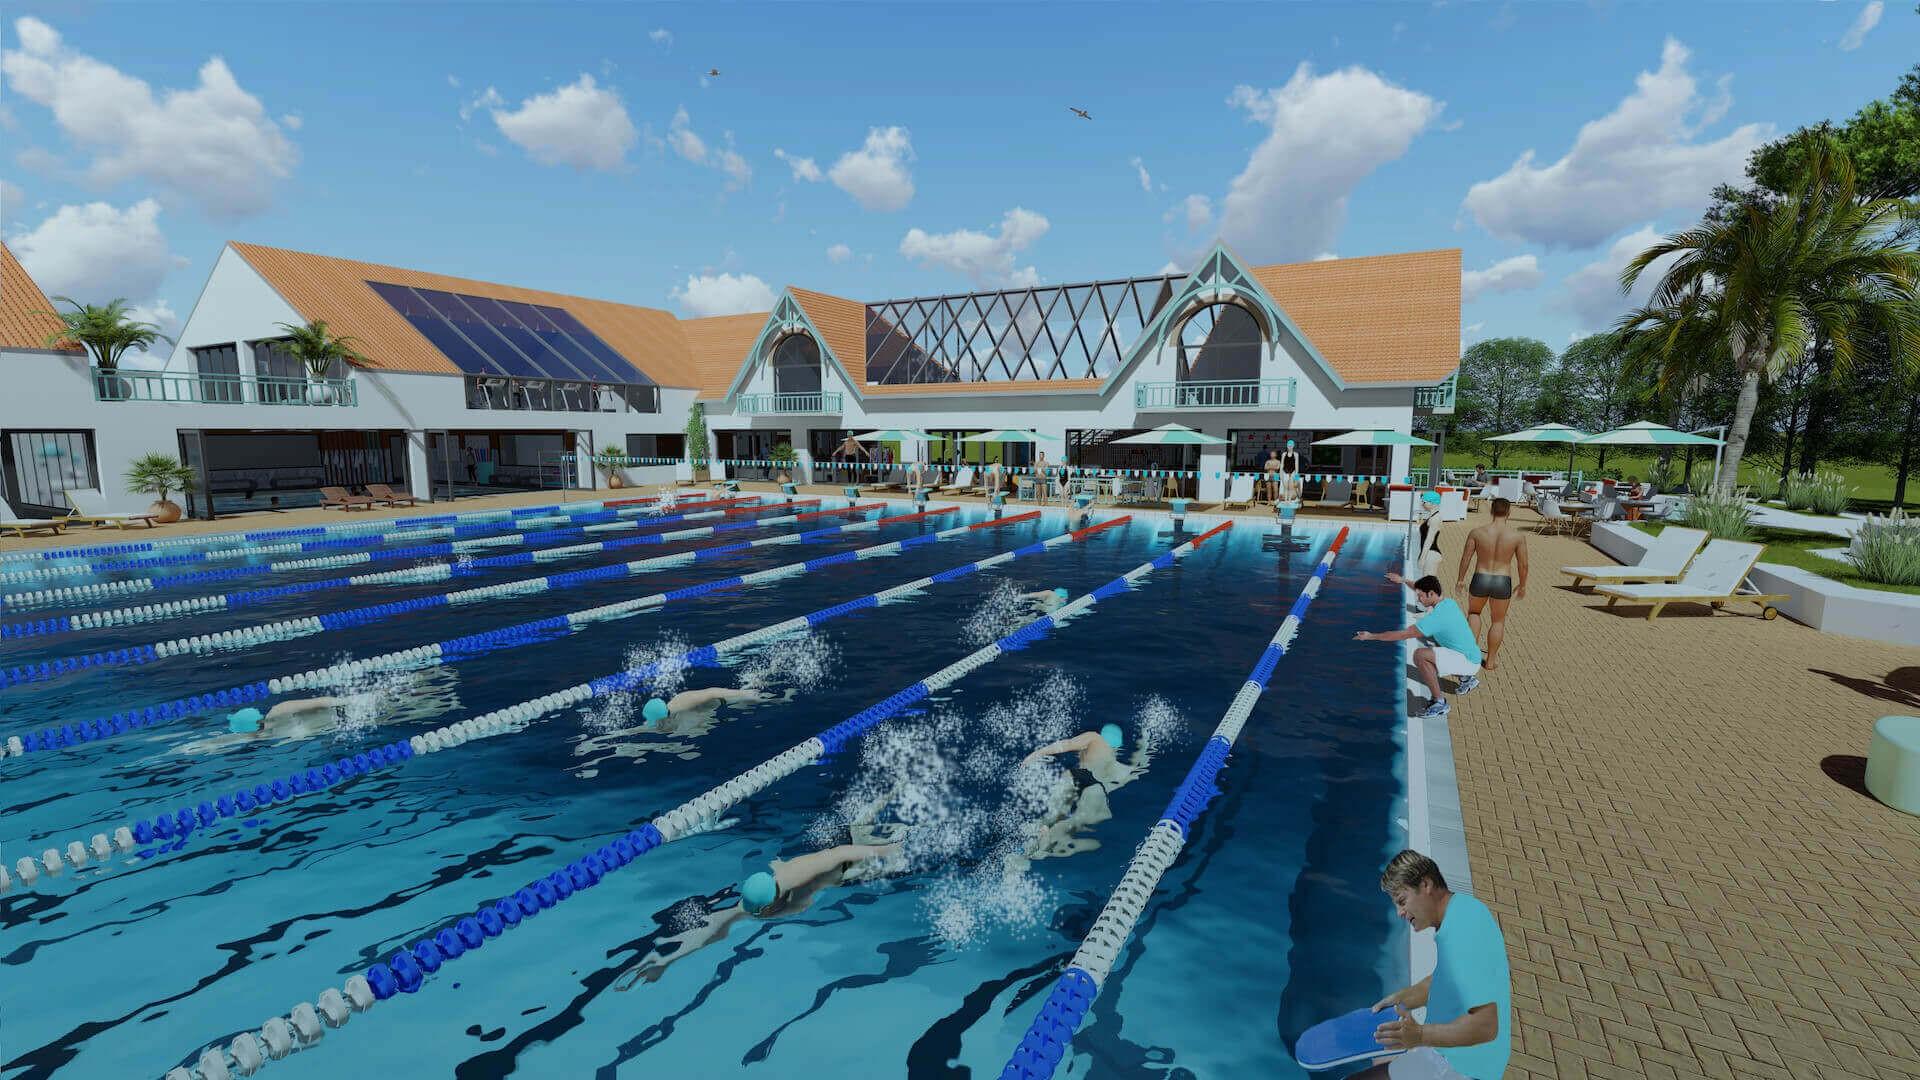 Projet Piscine Saint Andre De Cubzac le swim club | linkedin